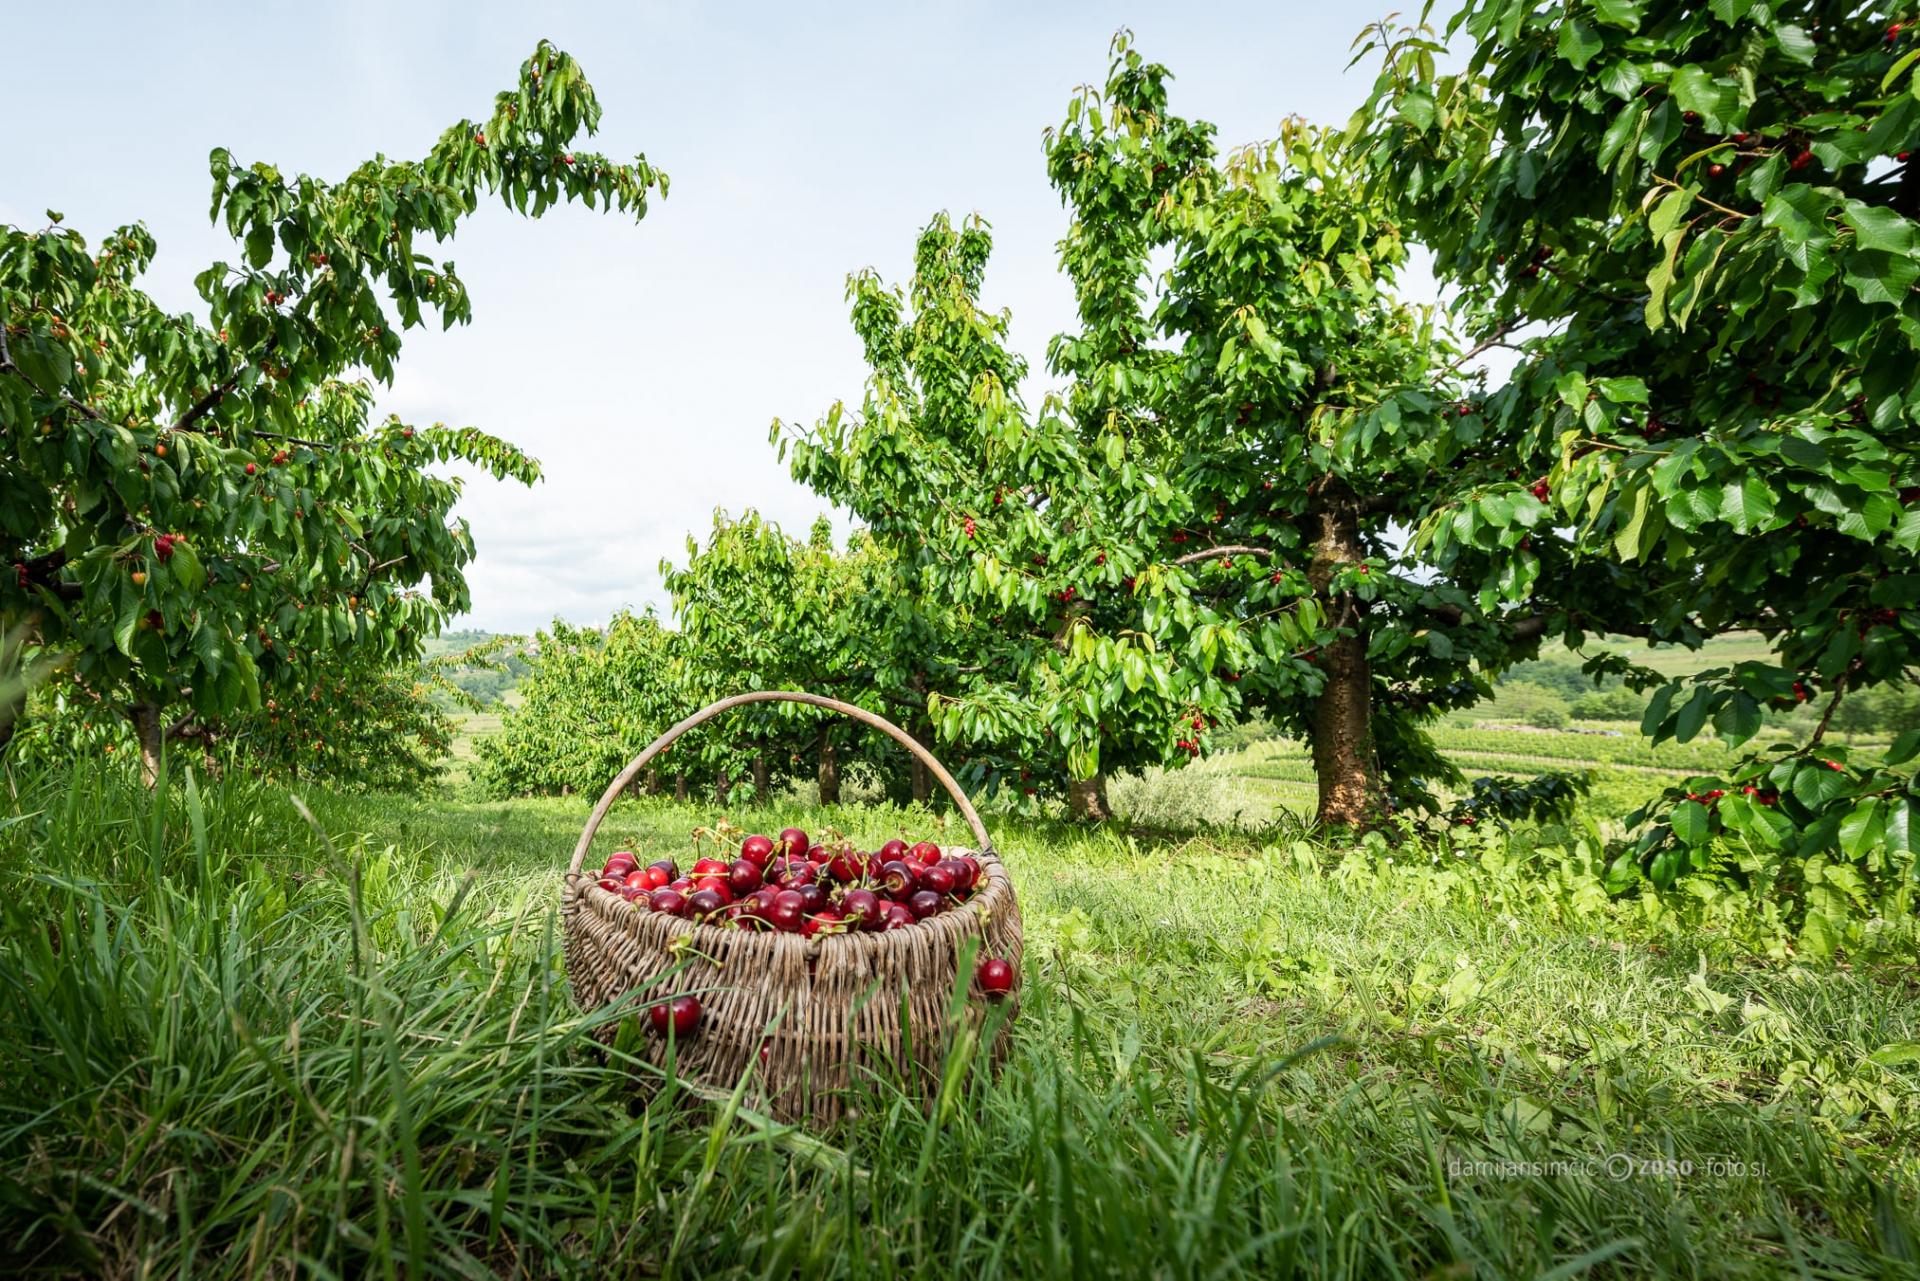 Kirschen im Korb © zoso fotos